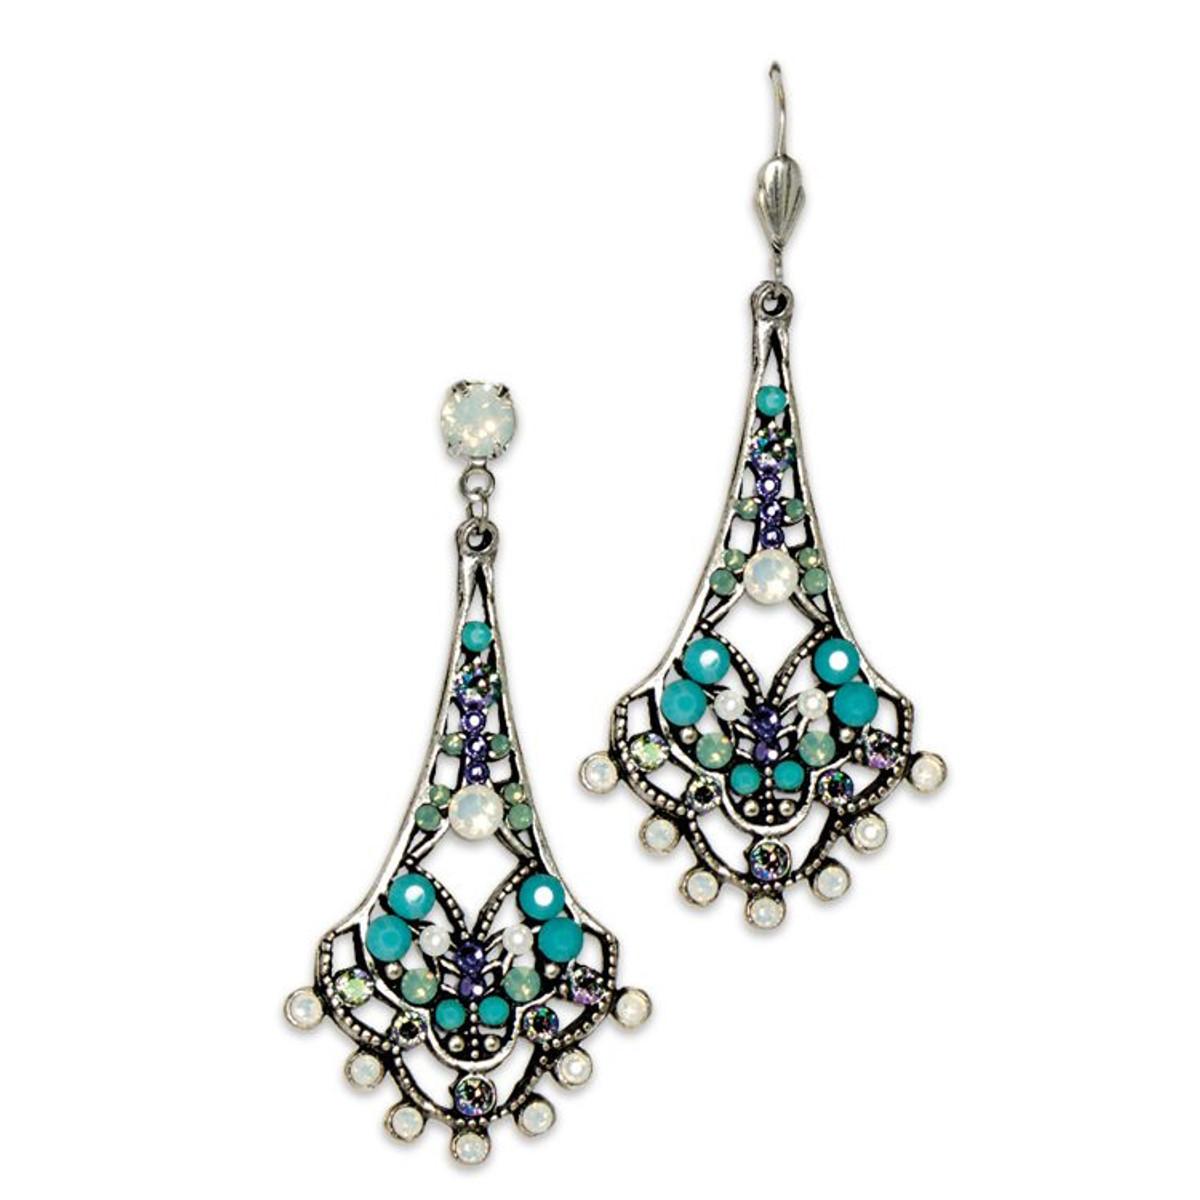 Anne Koplik White Opal Belle Epoch Earrings